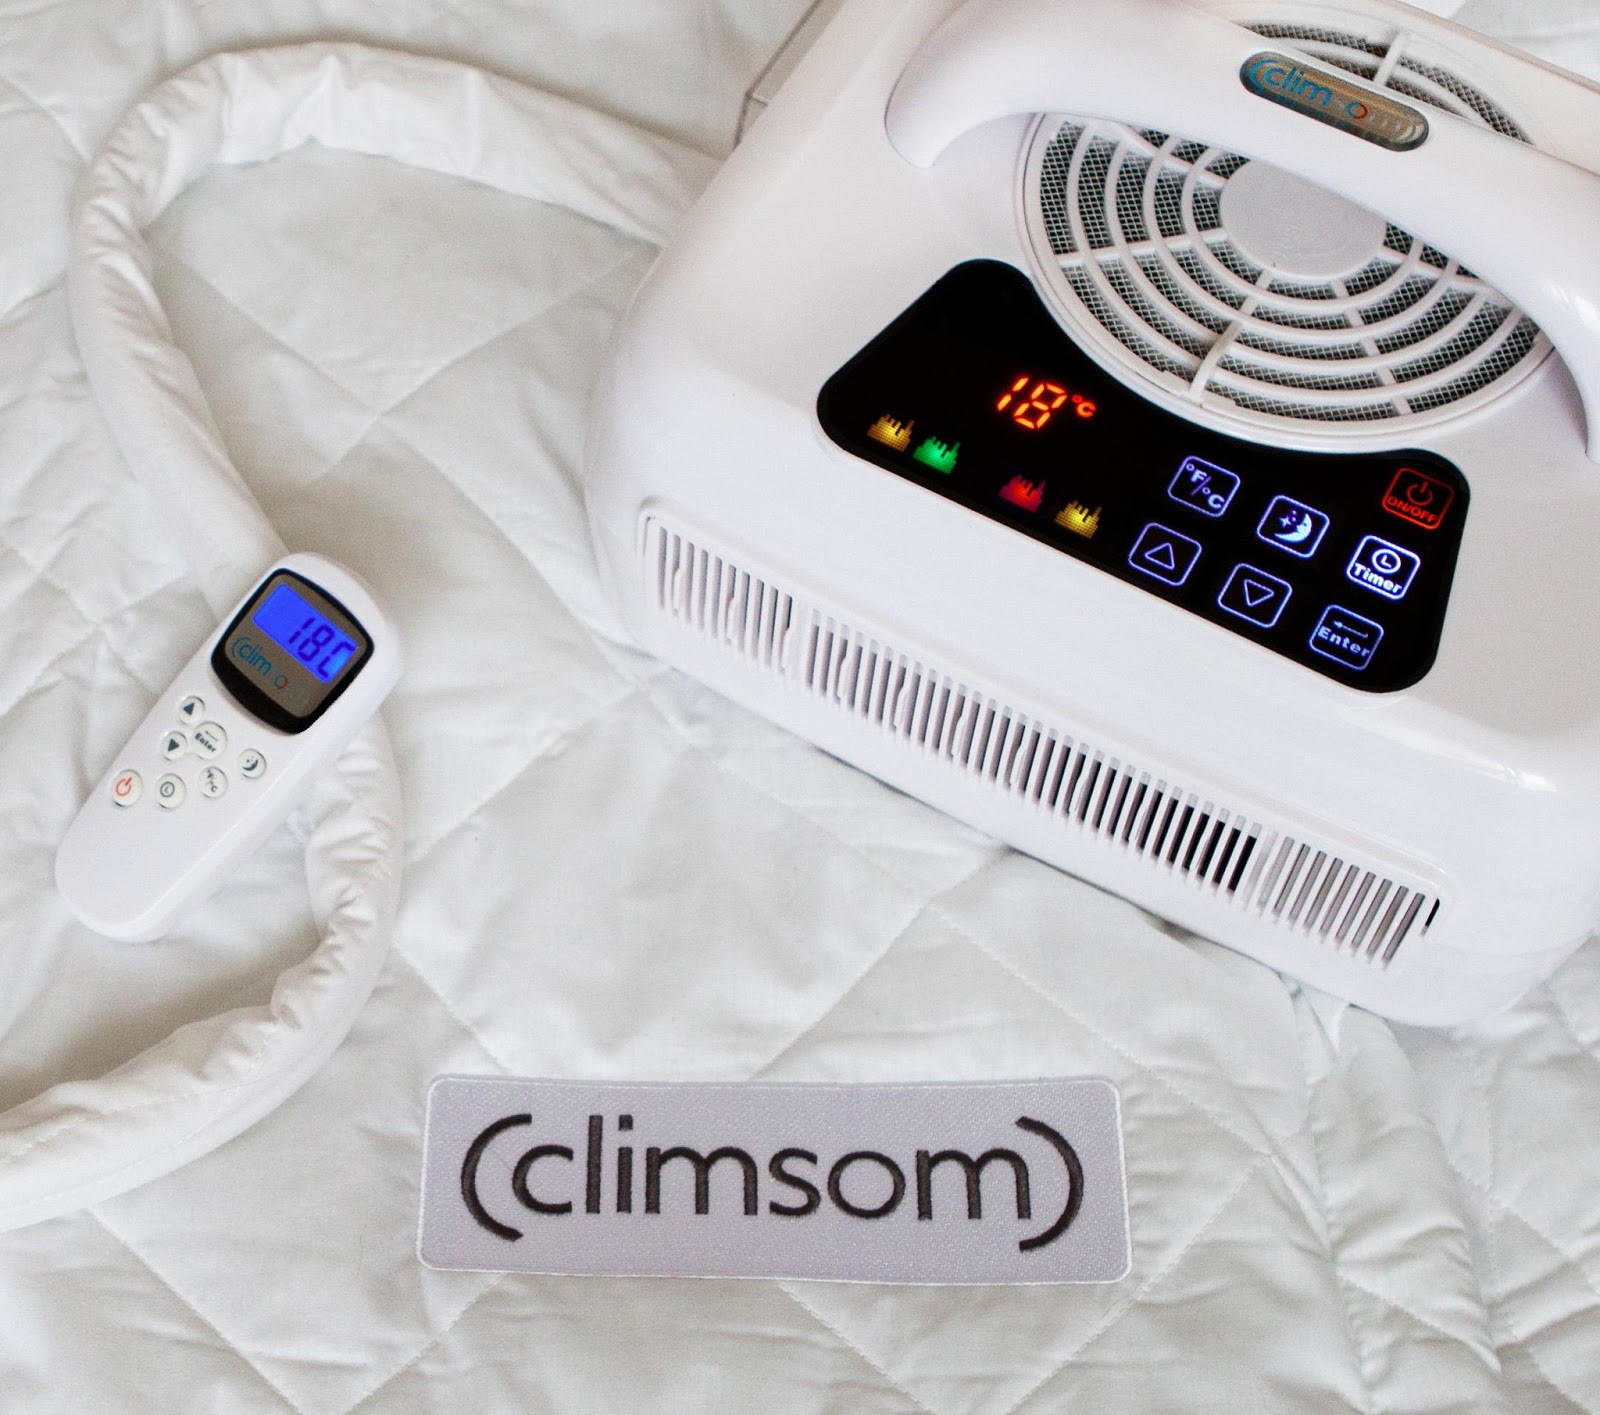 Climsom Le Blog Comment Bien Dormir Quand Il Fait Chaud